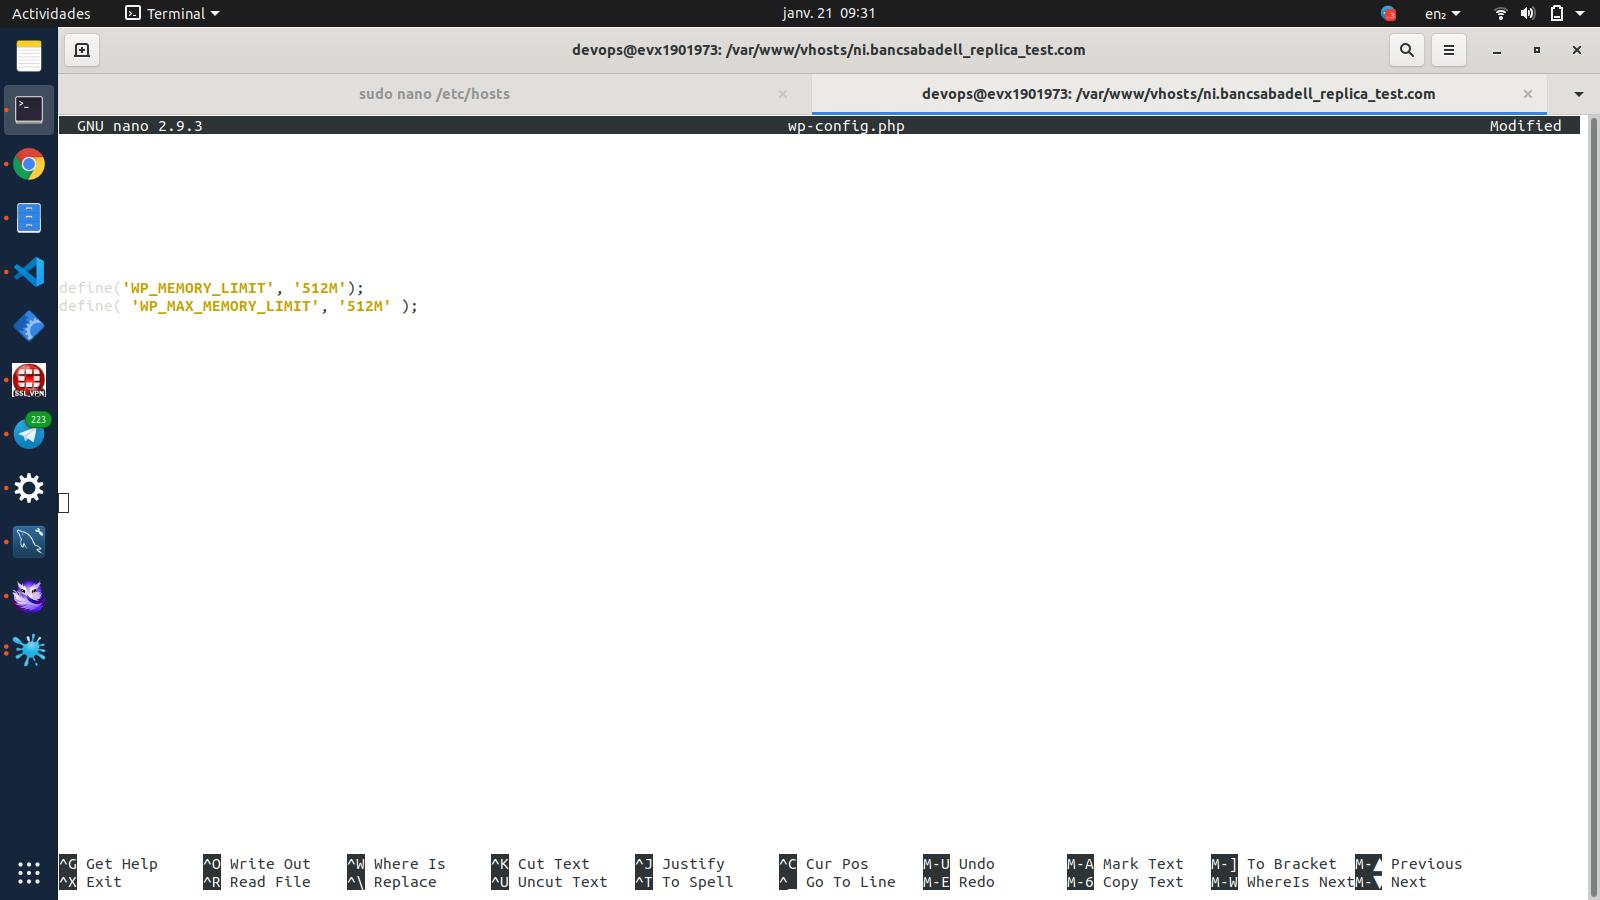 Captura de pantalla de 2021-01-21 09-31-51.png